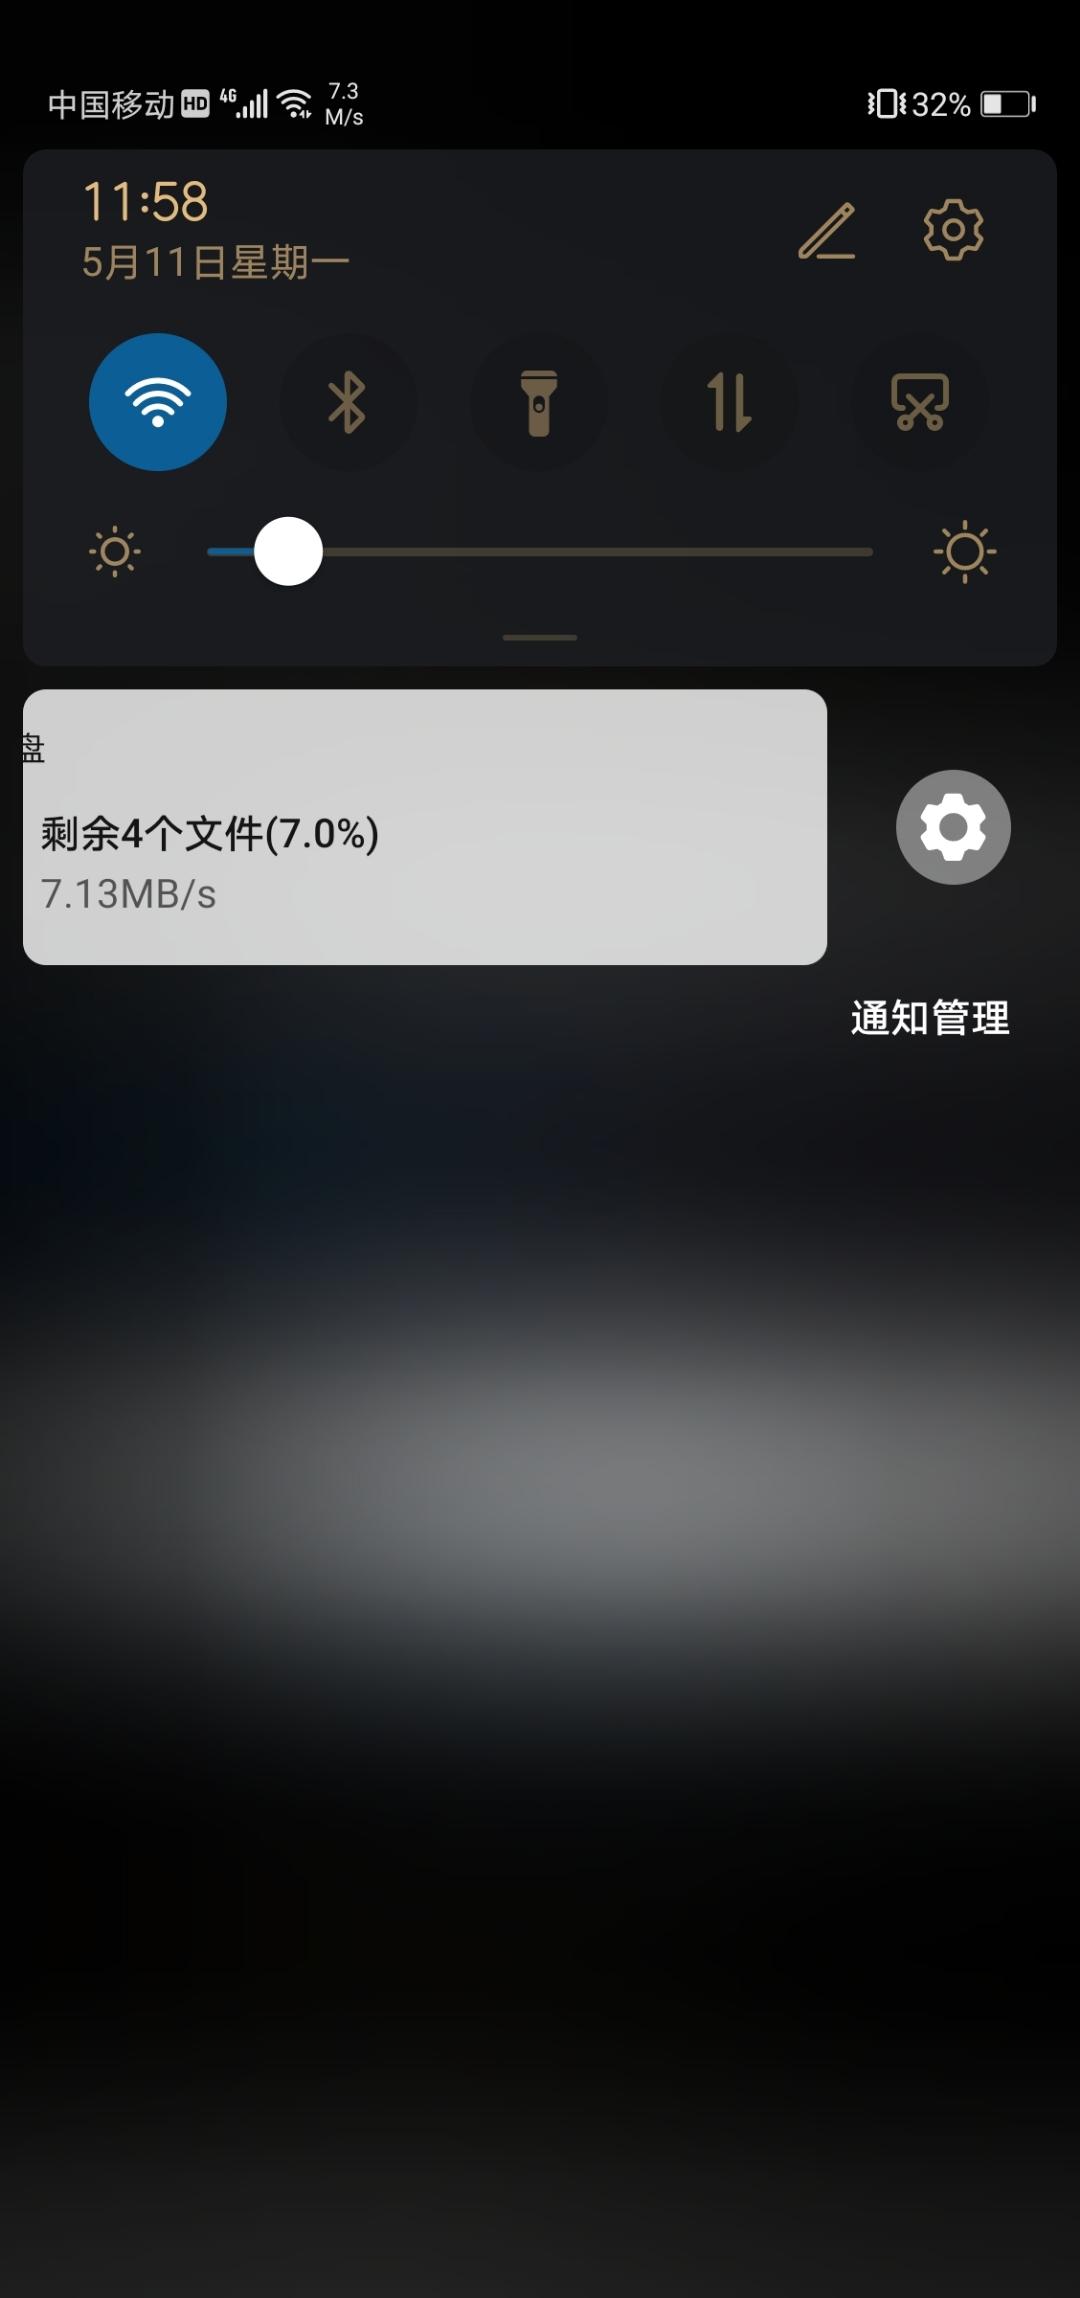 Screenshot_20200511_115854_com.huawei.fans.jpg